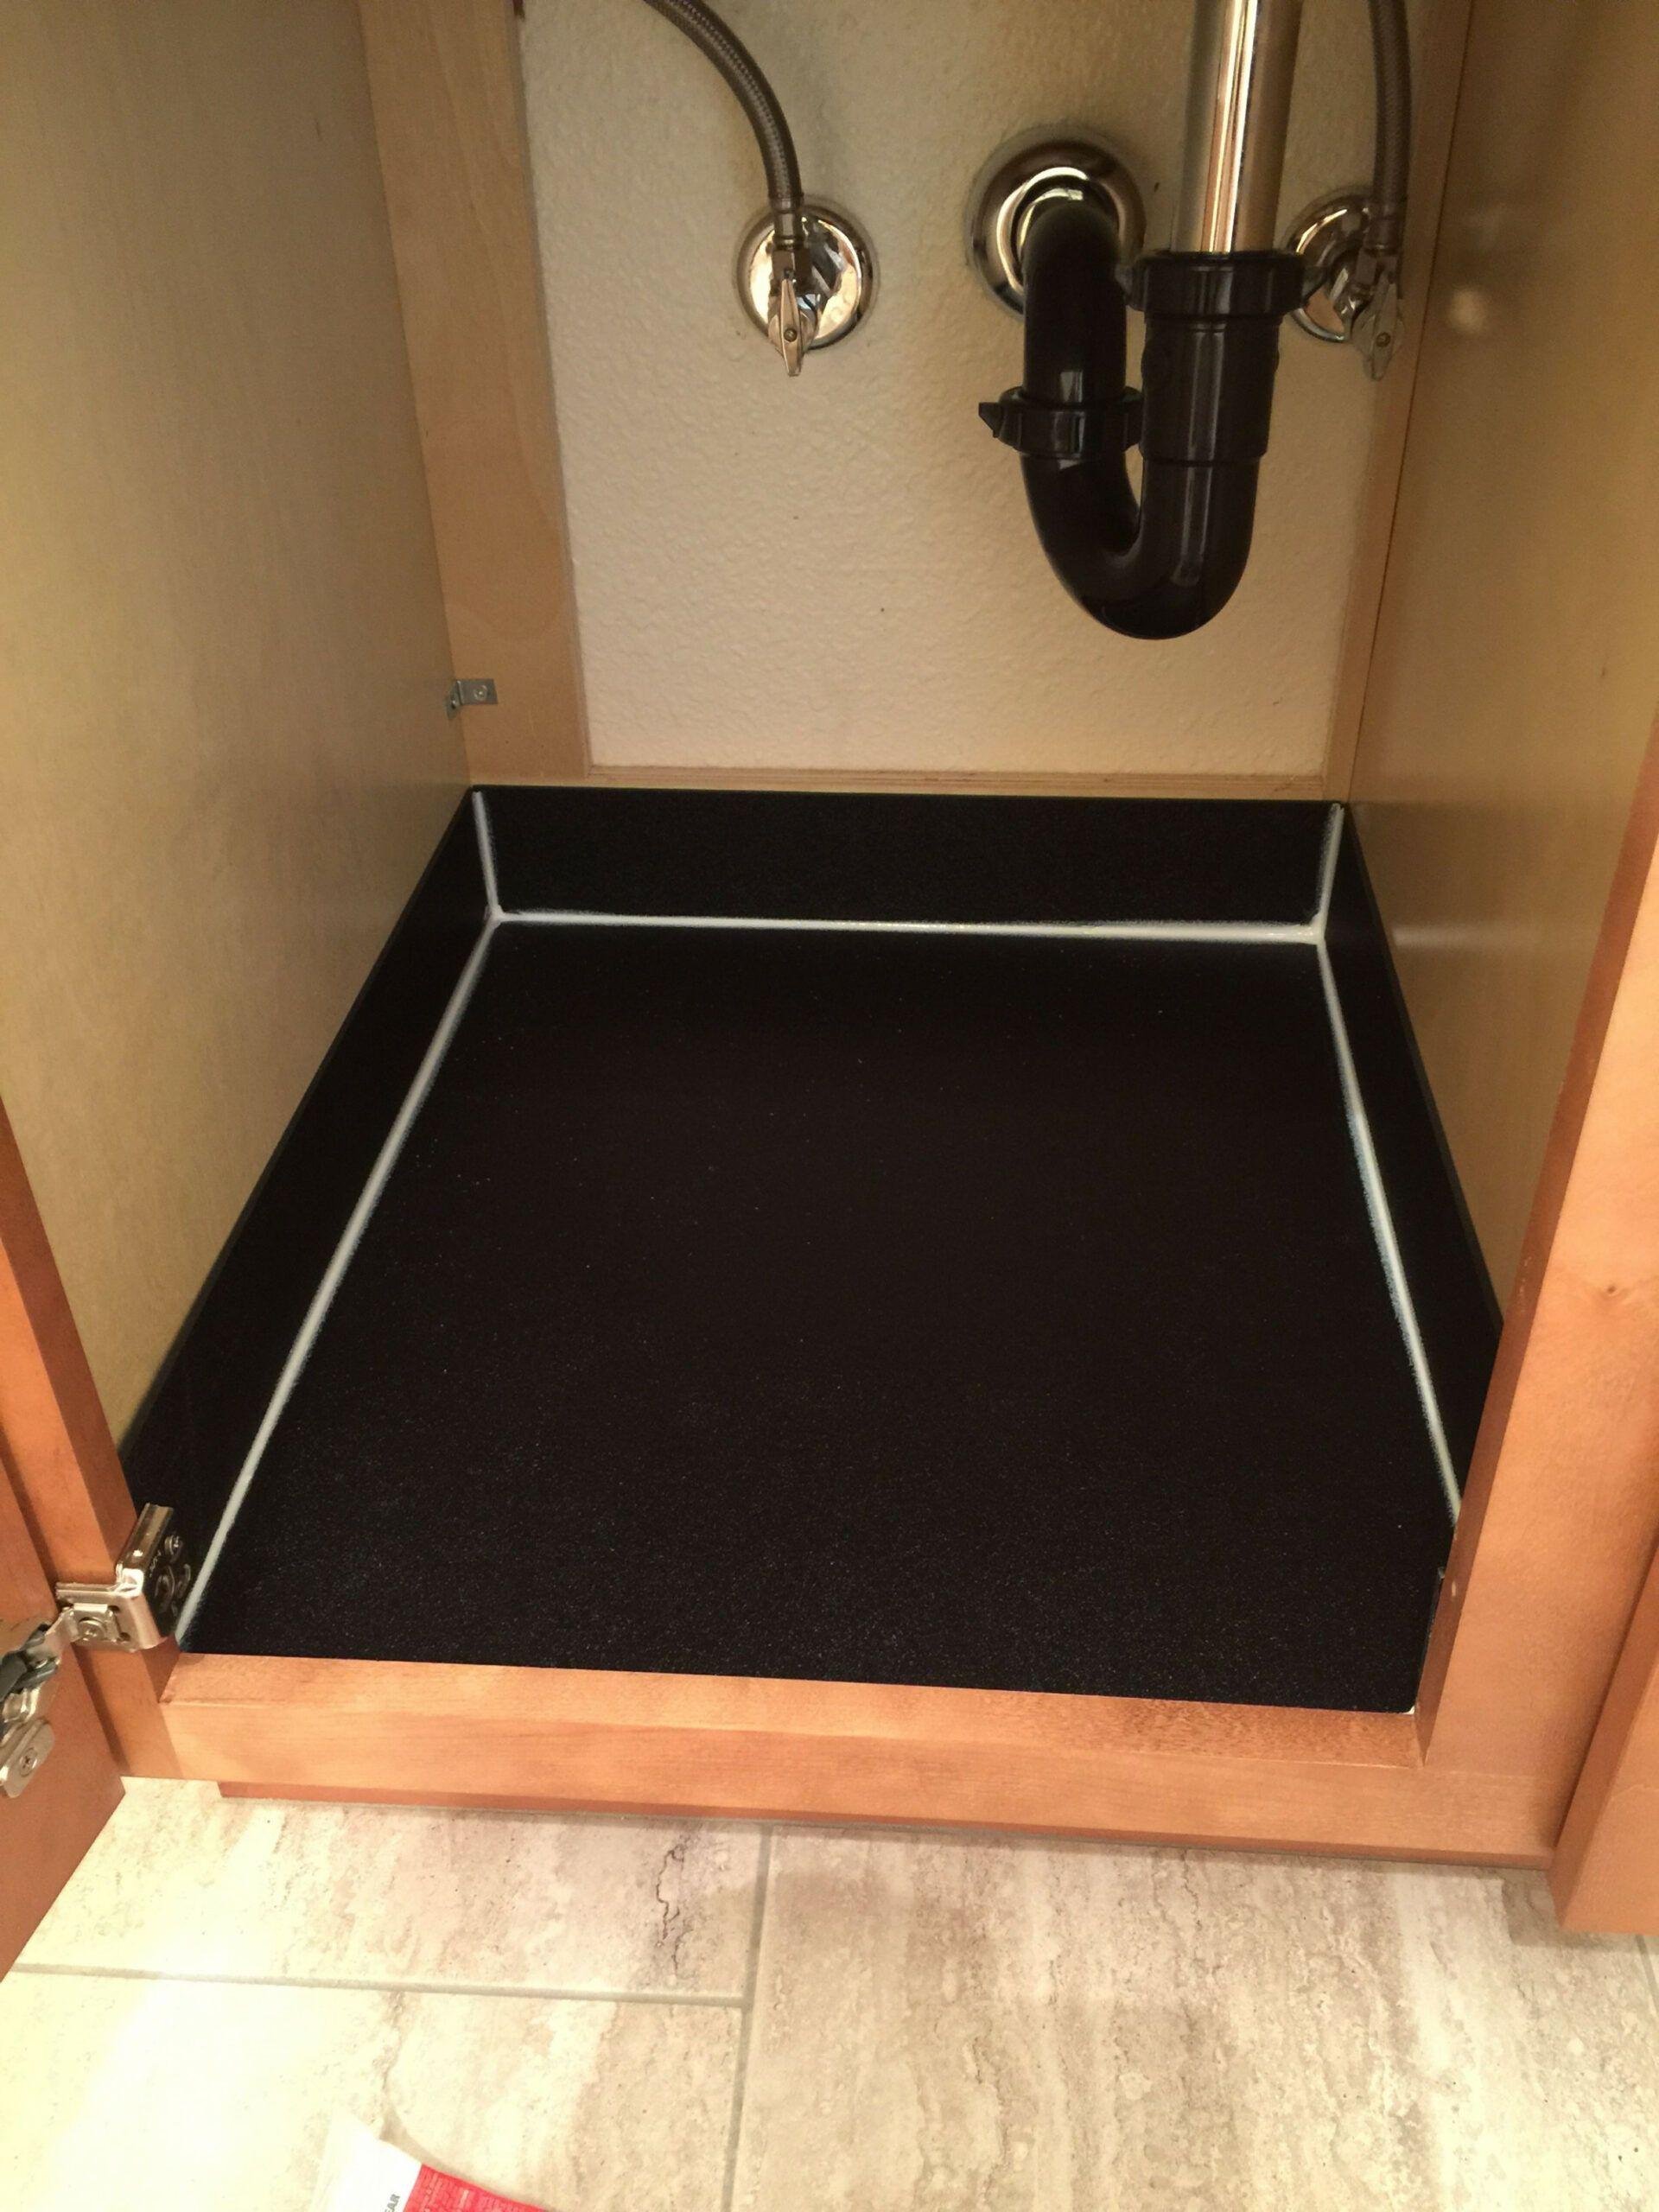 8 Water Under Kitchen Cabinets In 2020 Kitchen Sink Storage Under Kitchen Sinks Inside Kitchen Cabinets